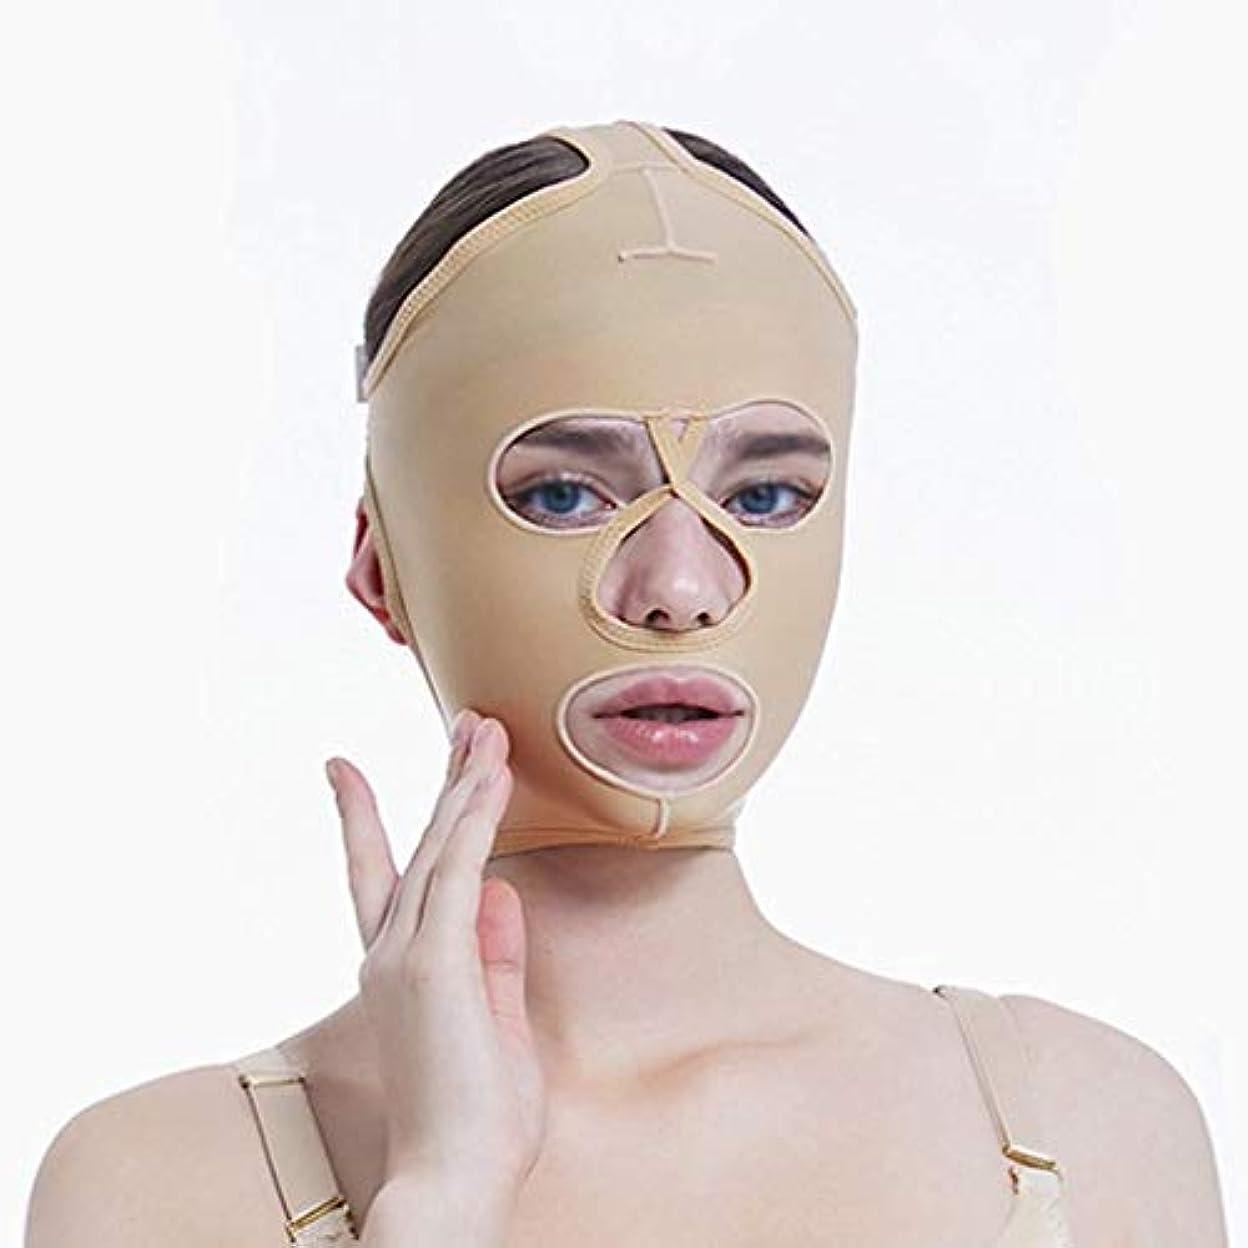 里親欠点物理学者チンリフティングベルト、超薄型ベルト、引き締めマスク、包帯吊り、フェイスリフティングマスク、超薄型ベルト、通気性(サイズ:L),M